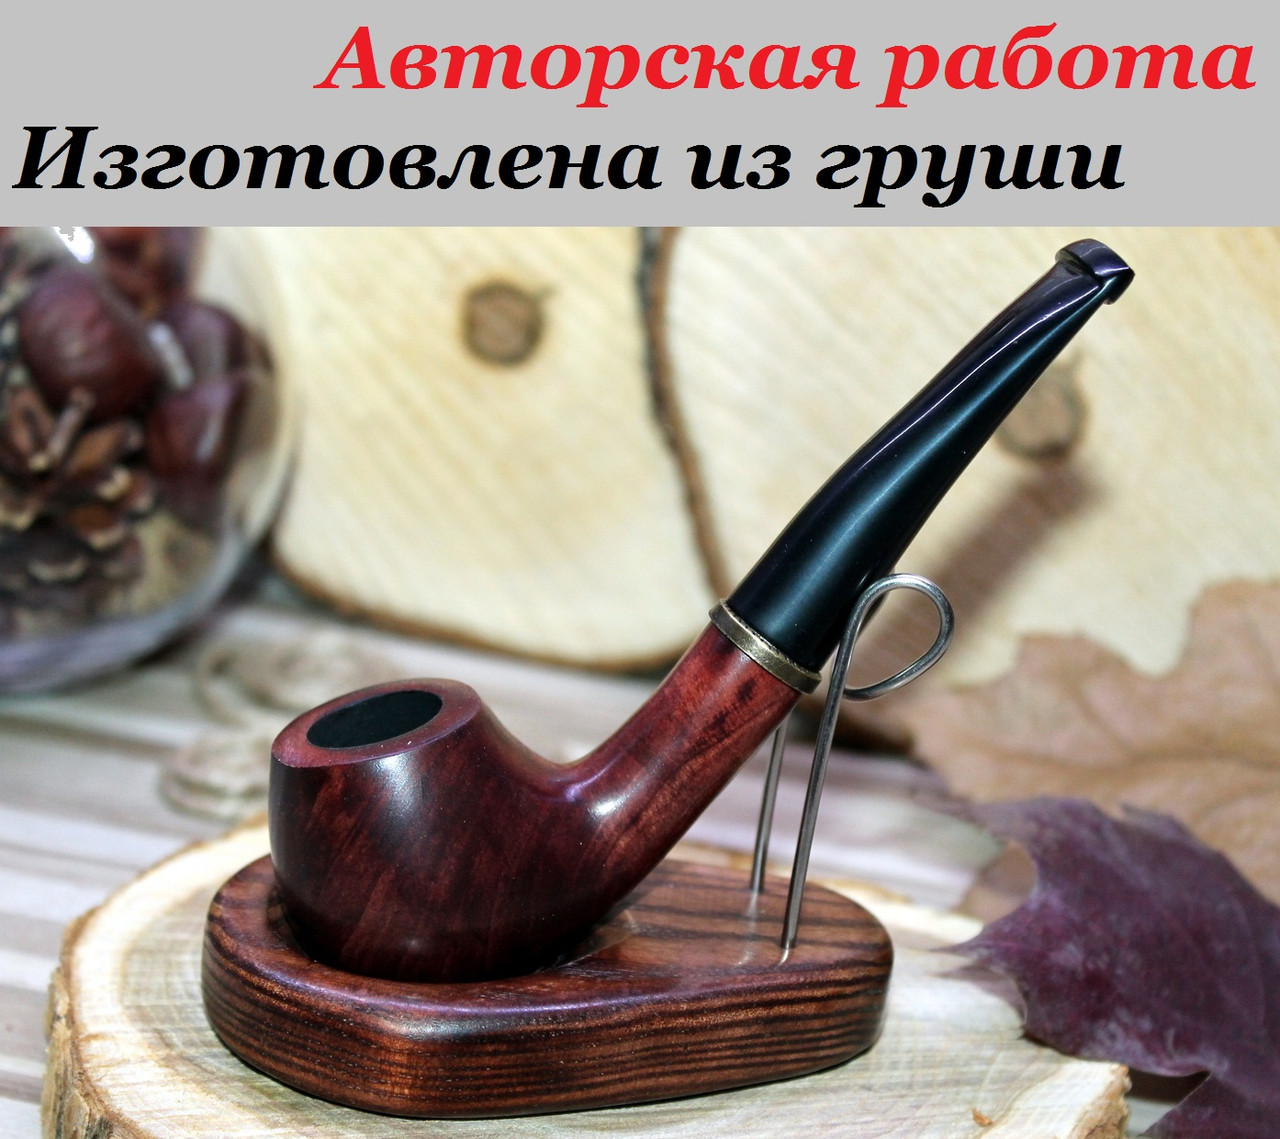 Трубка курительная табачная - авторская работа. Материал - груша. Мундштук под фильтр.